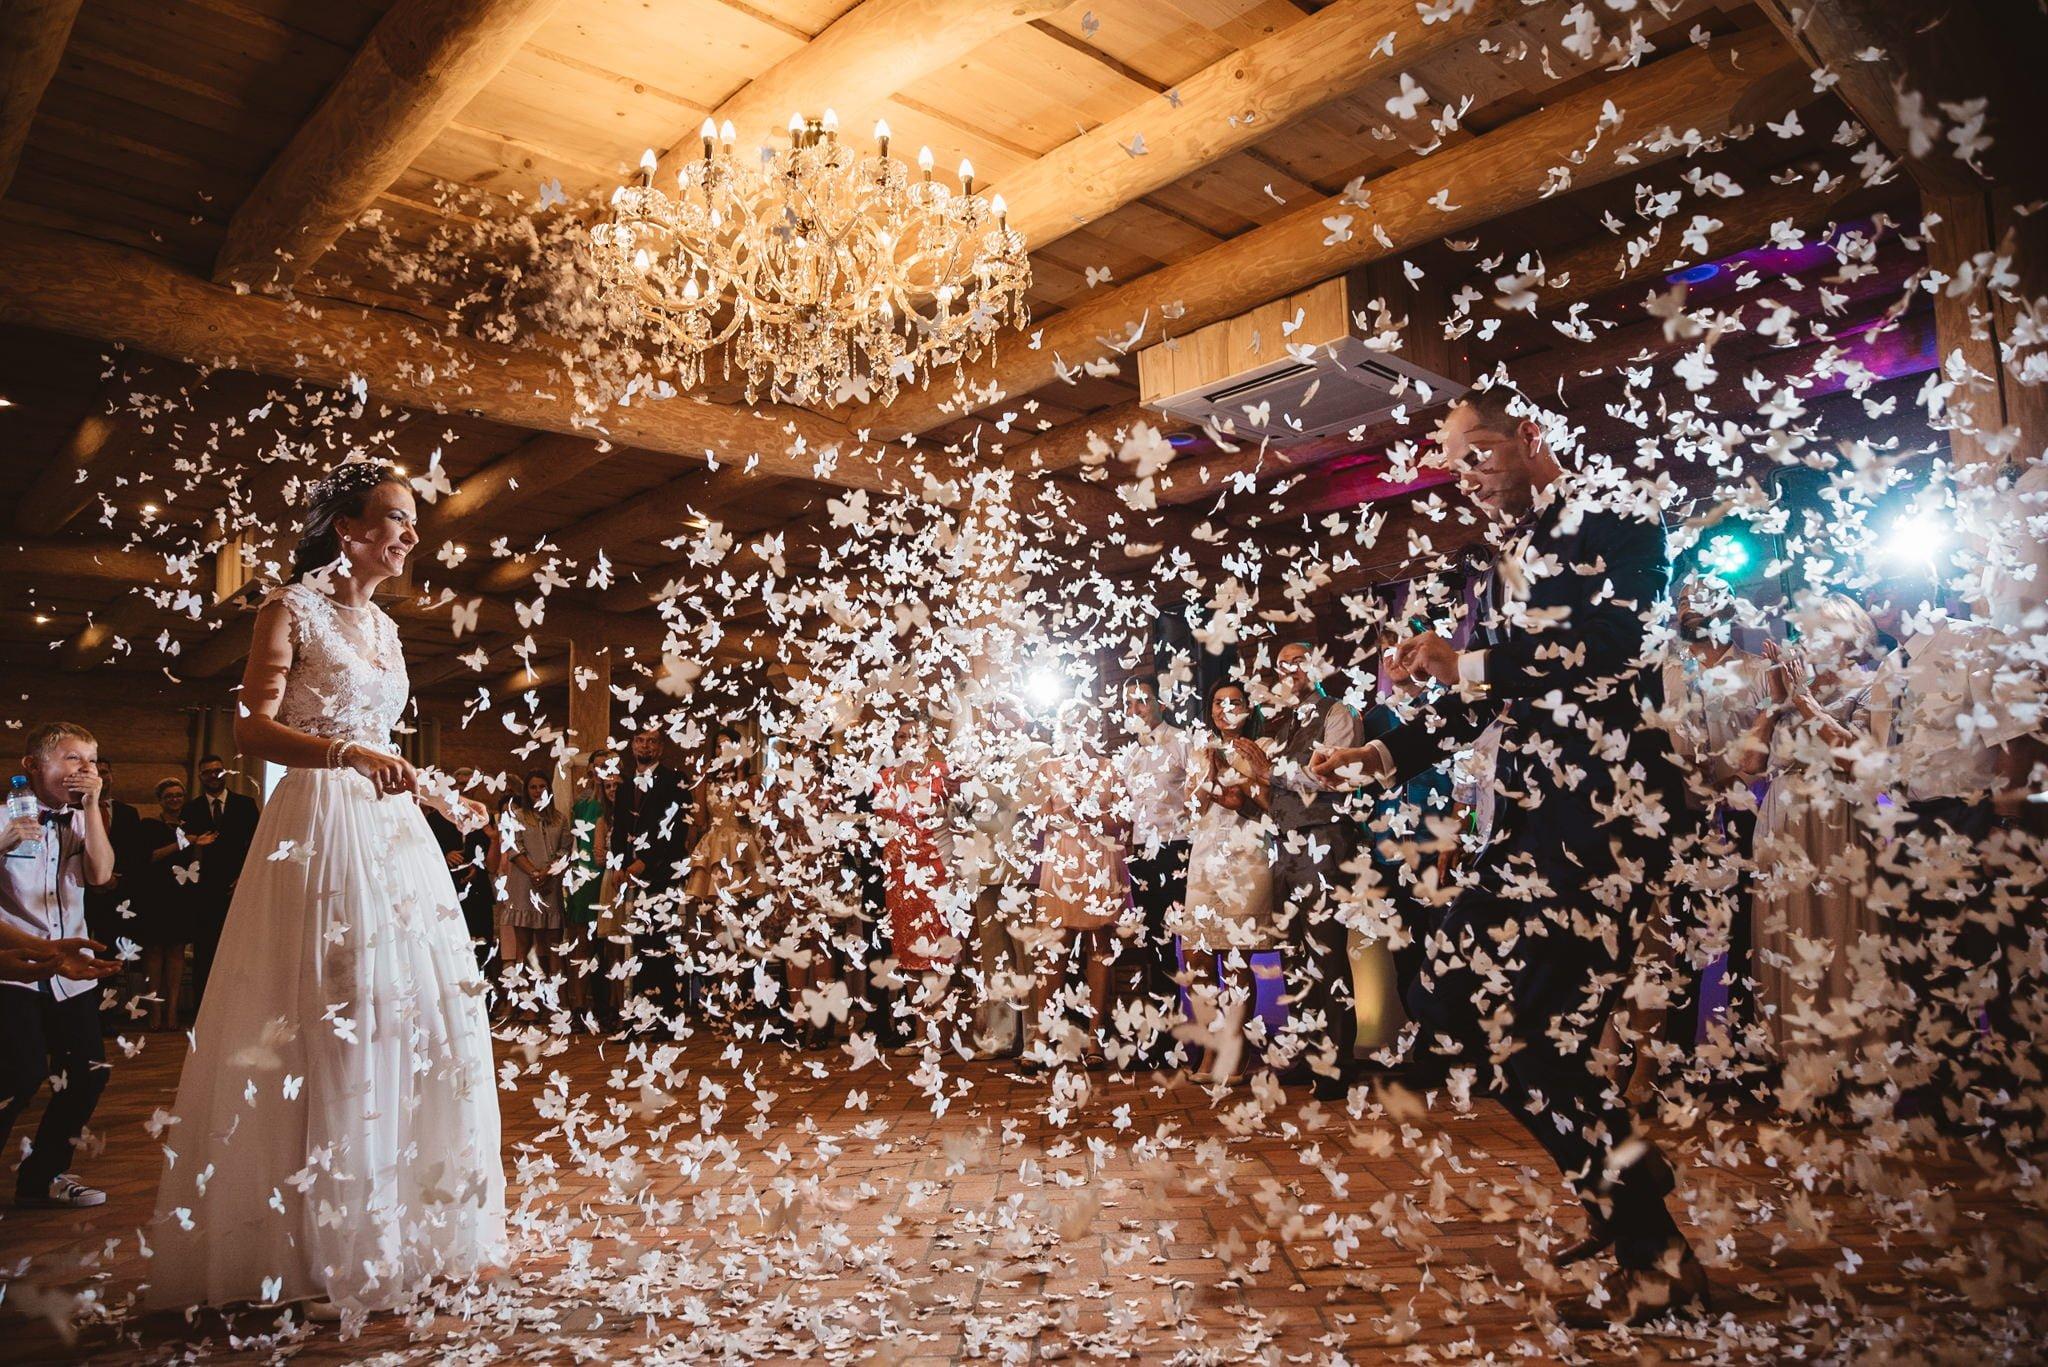 Pierwszy taniec, para młoda na parkiecie i morze konfetti, koprasfoto, fotograf ślubny konin, Kapitańska, sala weselna, fotografia ślubna, super sala, dobra zabawa na weselu,